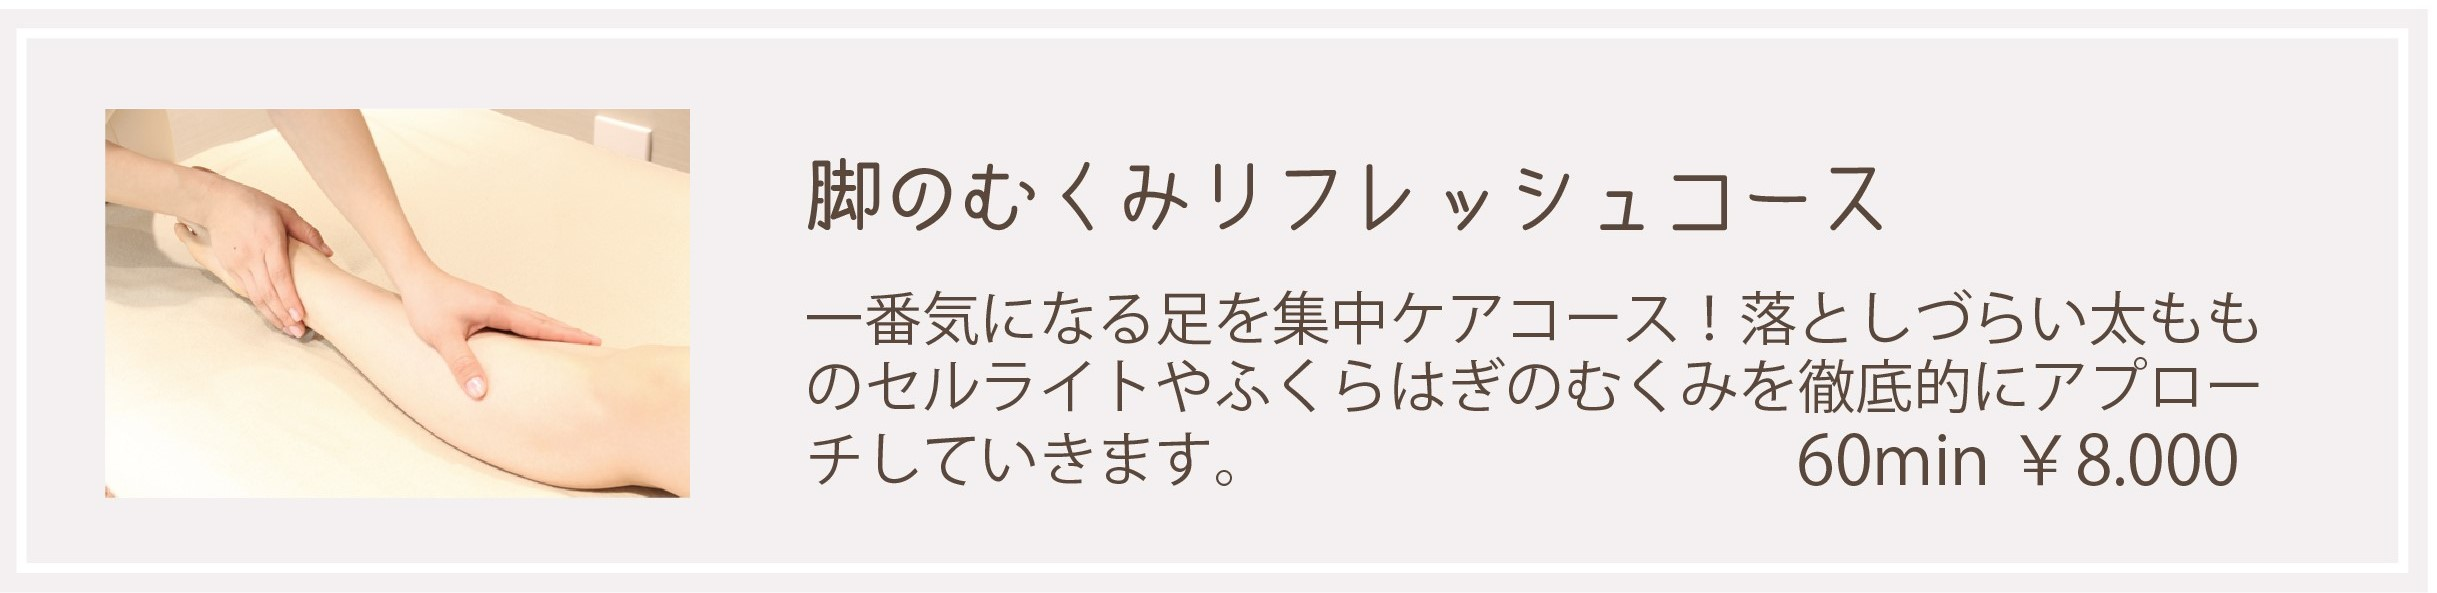 ボディメニュー (4)